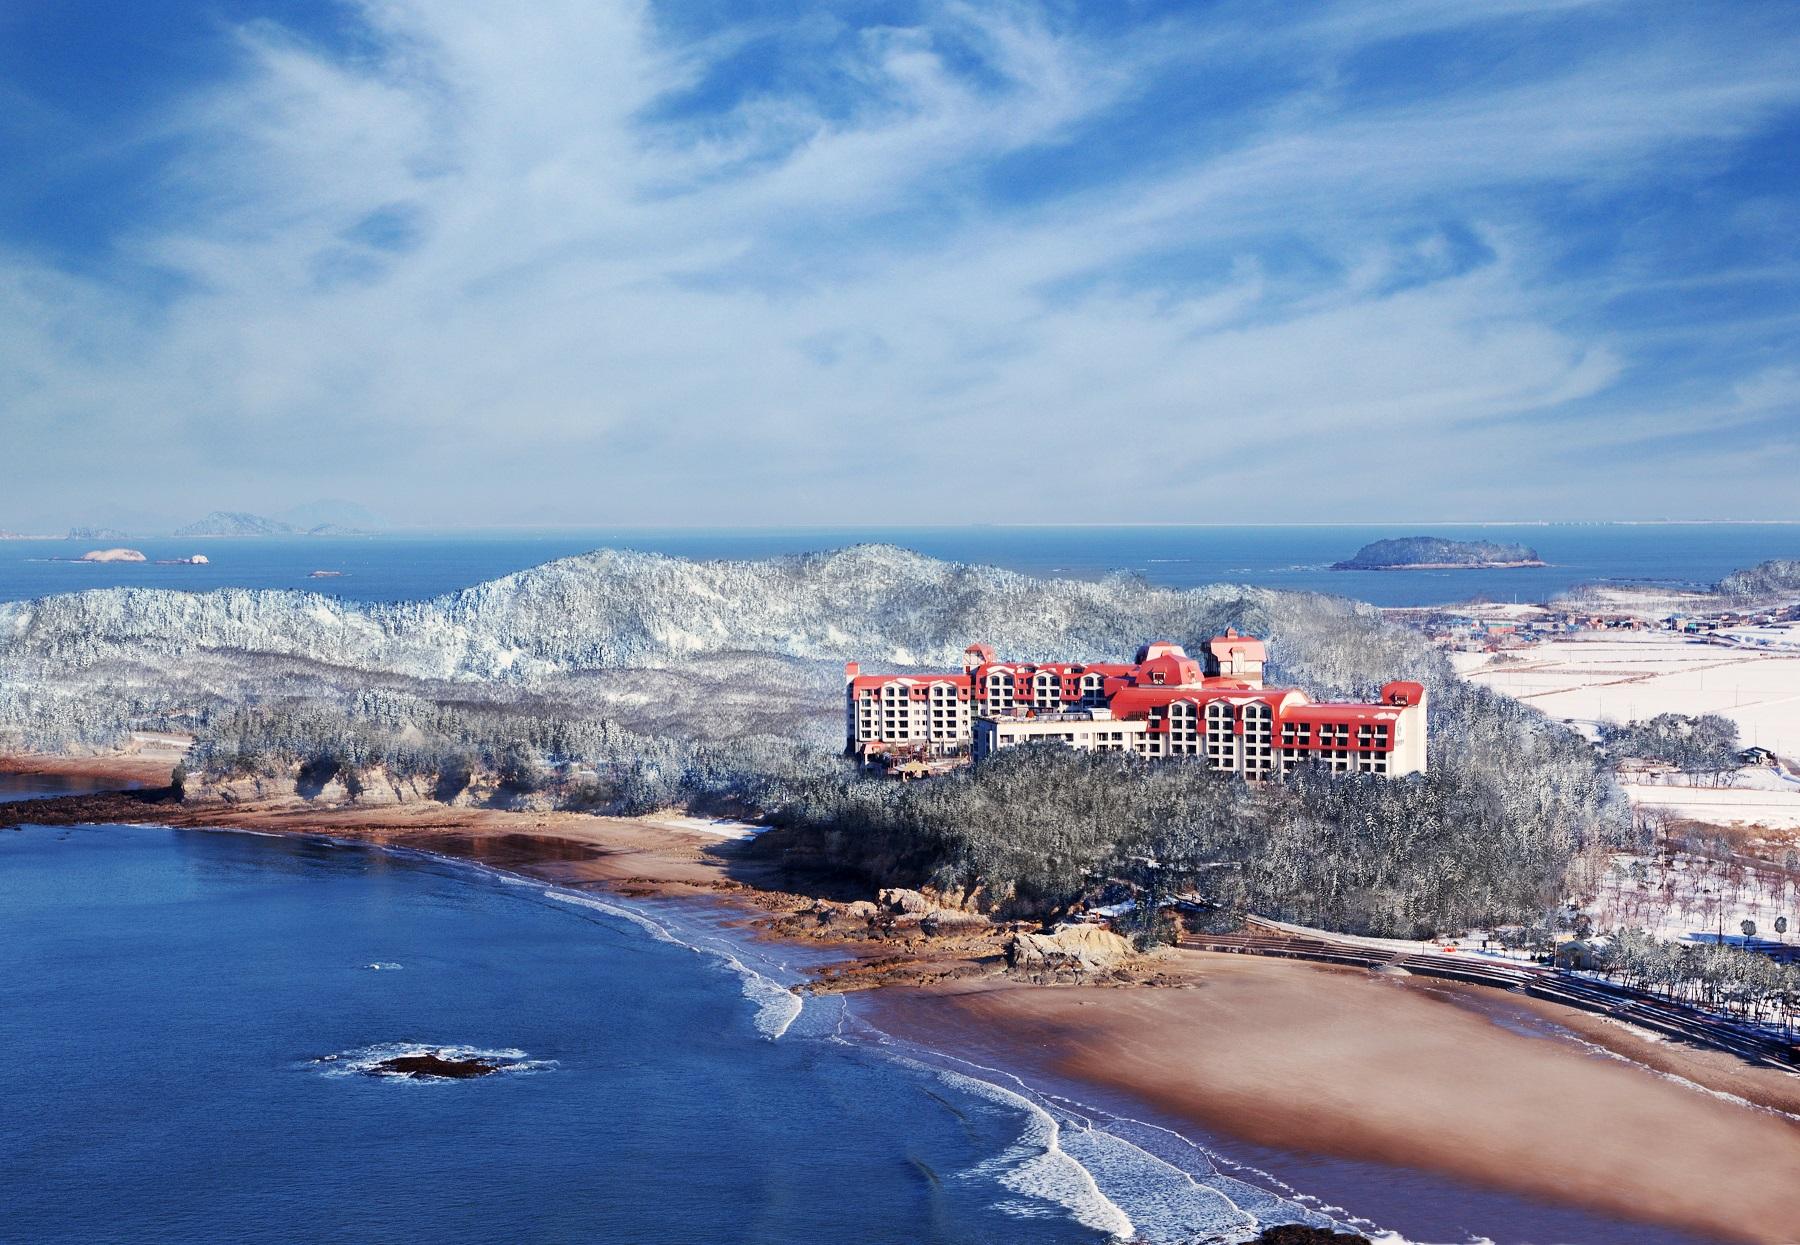 Daemyung Resort Byeonsan